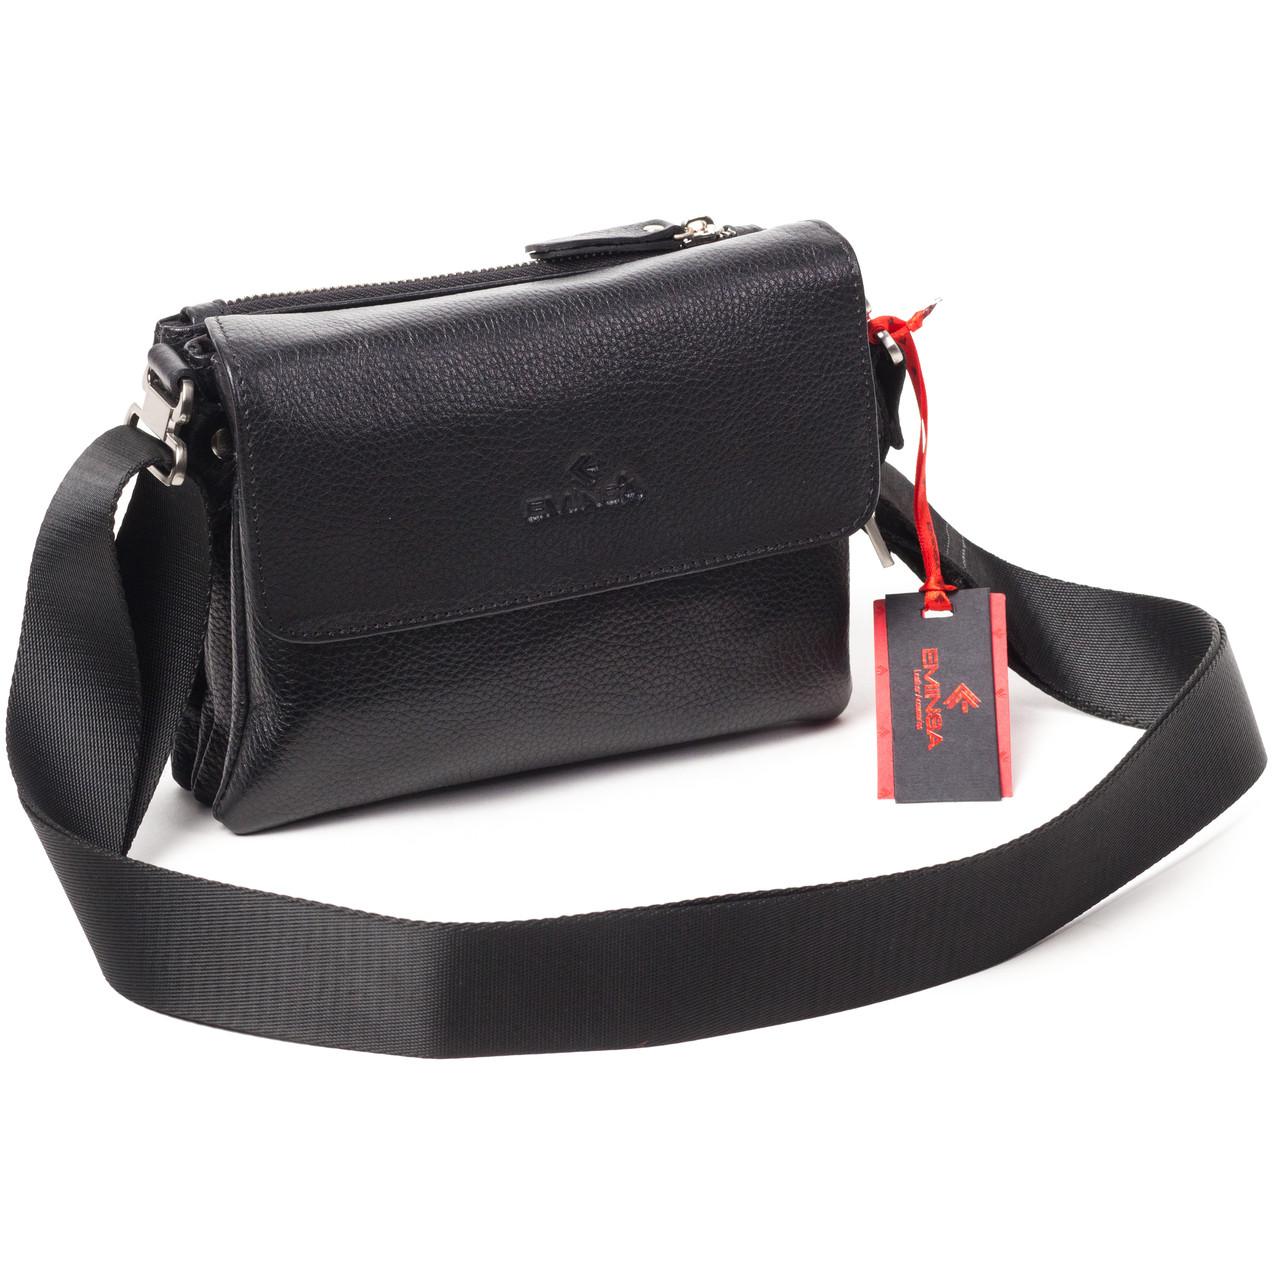 Мужская сумка кожаная чёрная Eminsa 6111-18-1